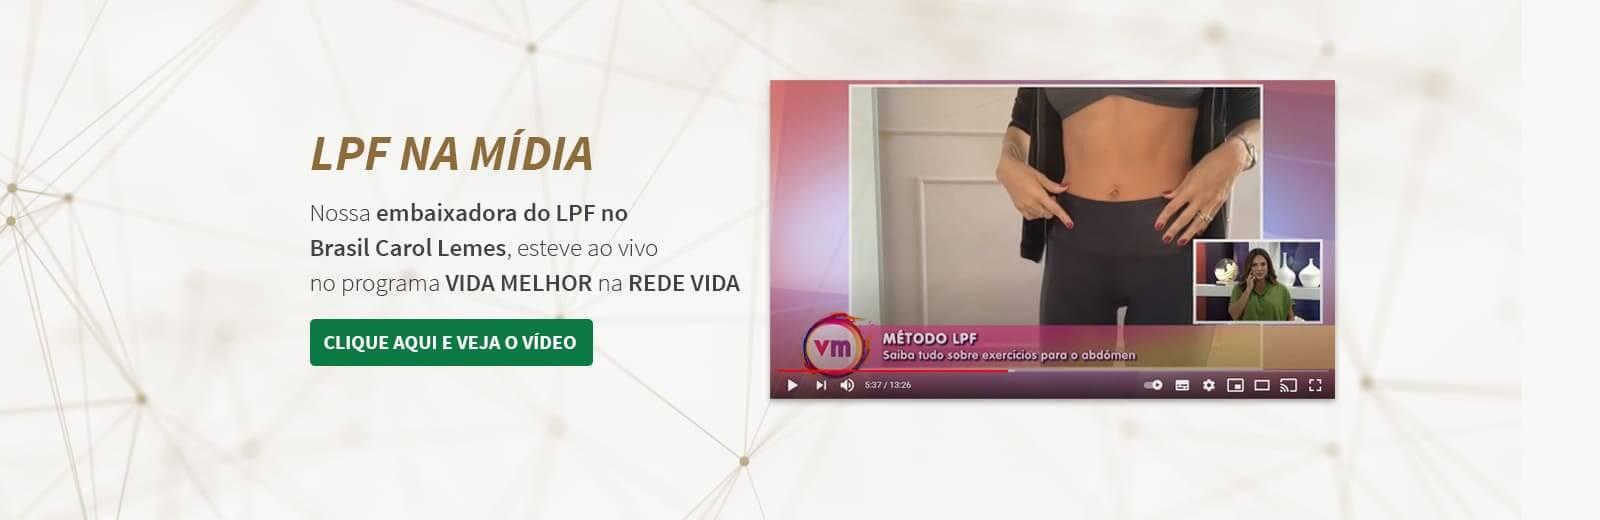 LPF Na Mídia